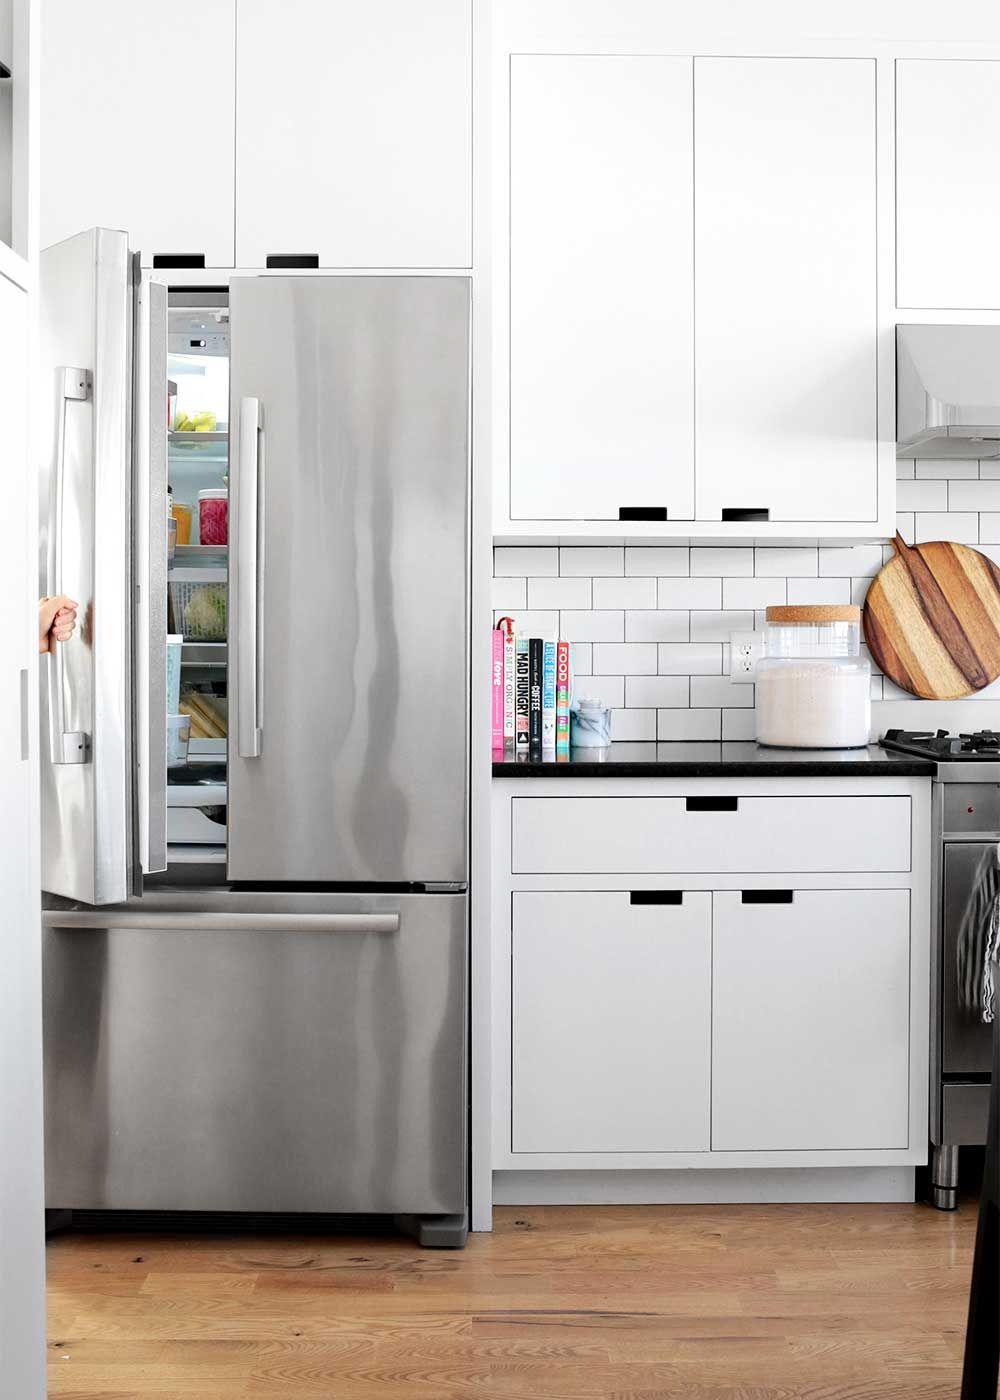 Minimalist Fridge With Images Minimalist Home Interior